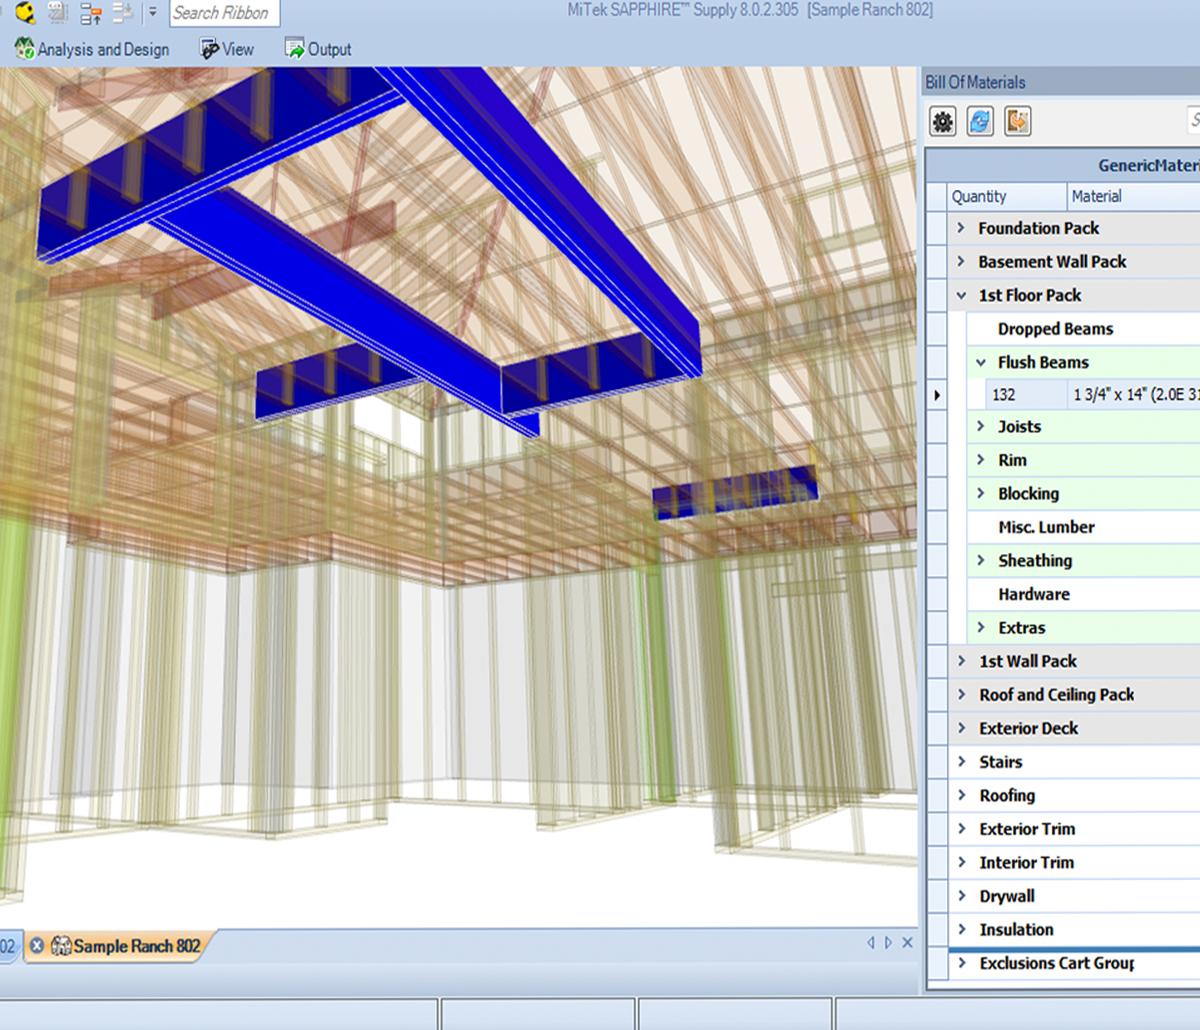 MiTek Supply Software - Screenshot of MiTek Support software